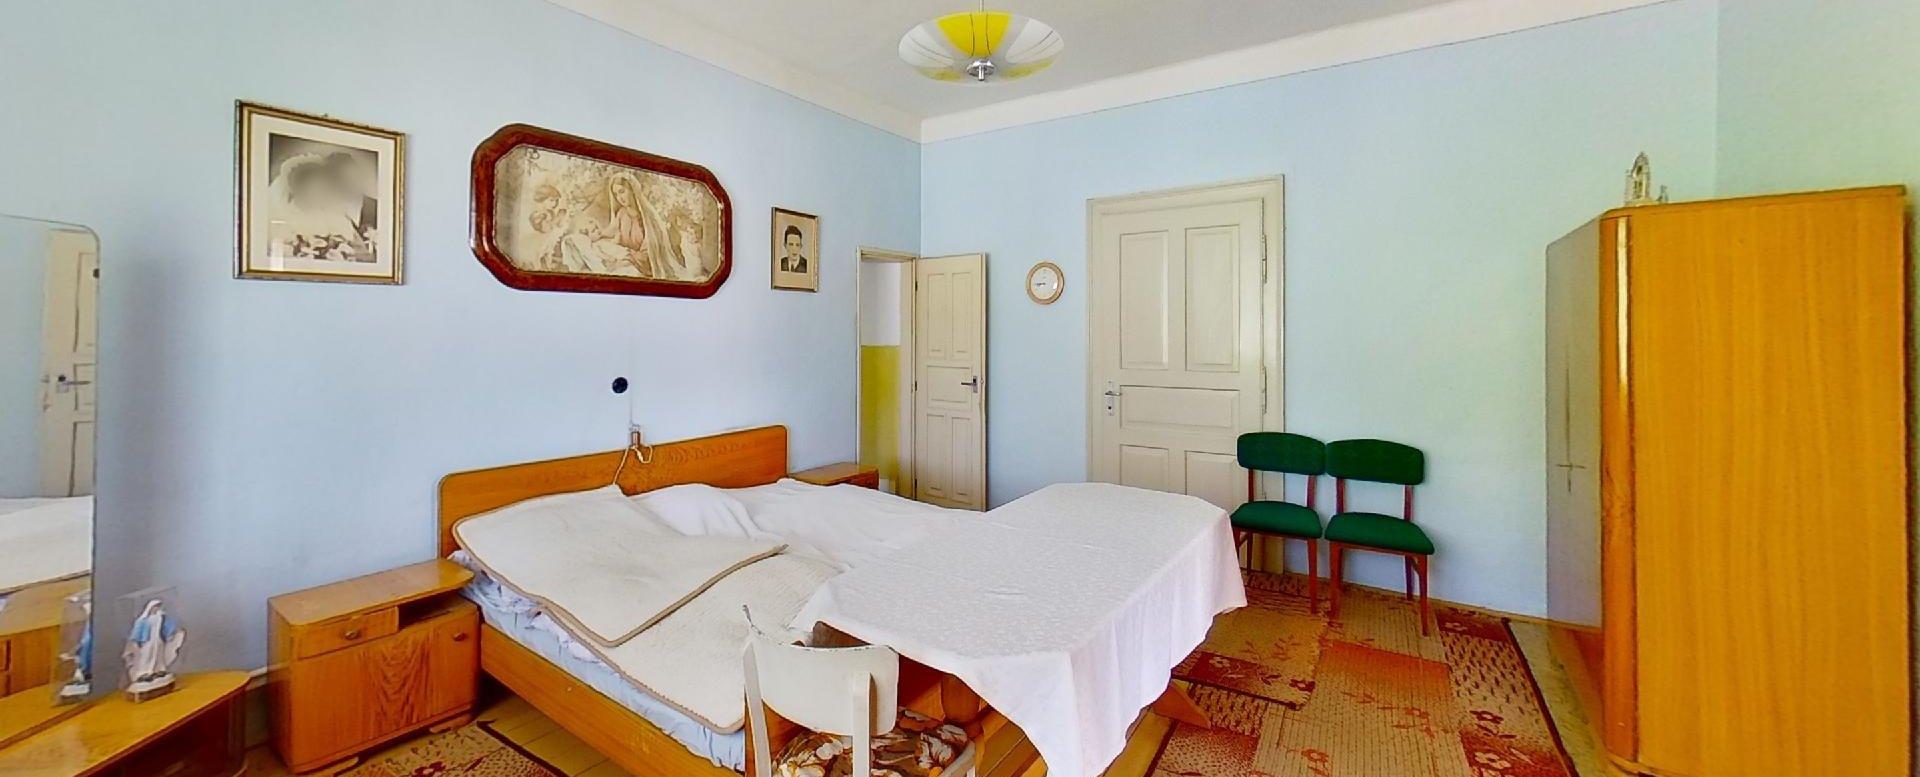 Spálňa s kúpeľňou pohľad zo strany